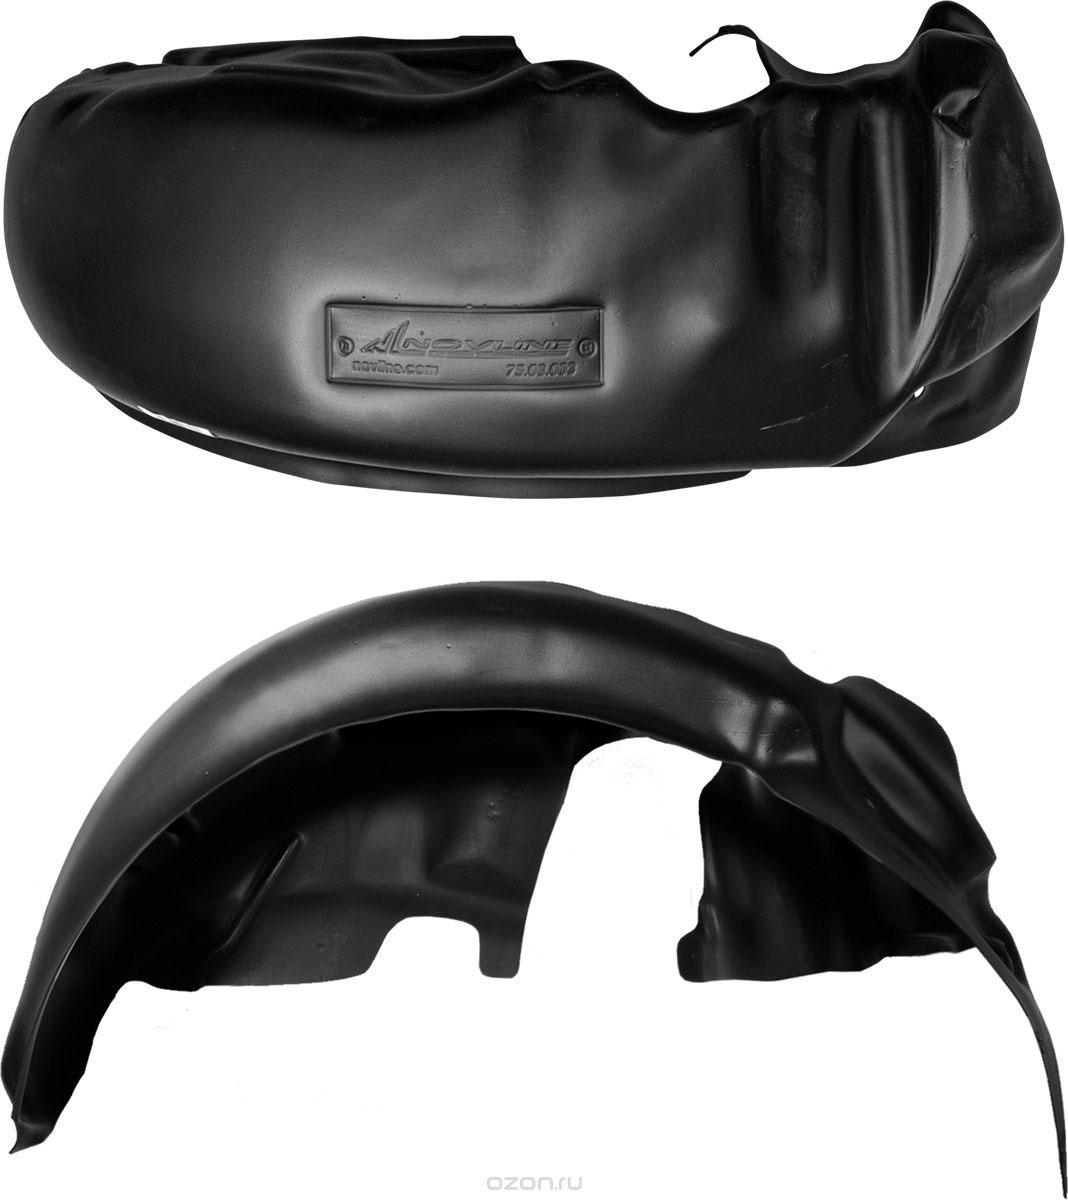 Подкрылок Novline-Autofamily, для Toyota Auris, 2012 ->, задний правыйNLL.48.54.004Идеальная защита колесной ниши. Локеры разработаны с применением цифровых технологий, гарантируют максимальную повторяемость поверхности арки. Изделия устанавливаются без нарушения лакокрасочного покрытия автомобиля, каждый подкрылок комплектуется крепежом. Уважаемые клиенты, обращаем ваше внимание, что фотографии на подкрылки универсальные и не отражают реальную форму изделия. При этом само изделие идет точно под размер указанного автомобиля.